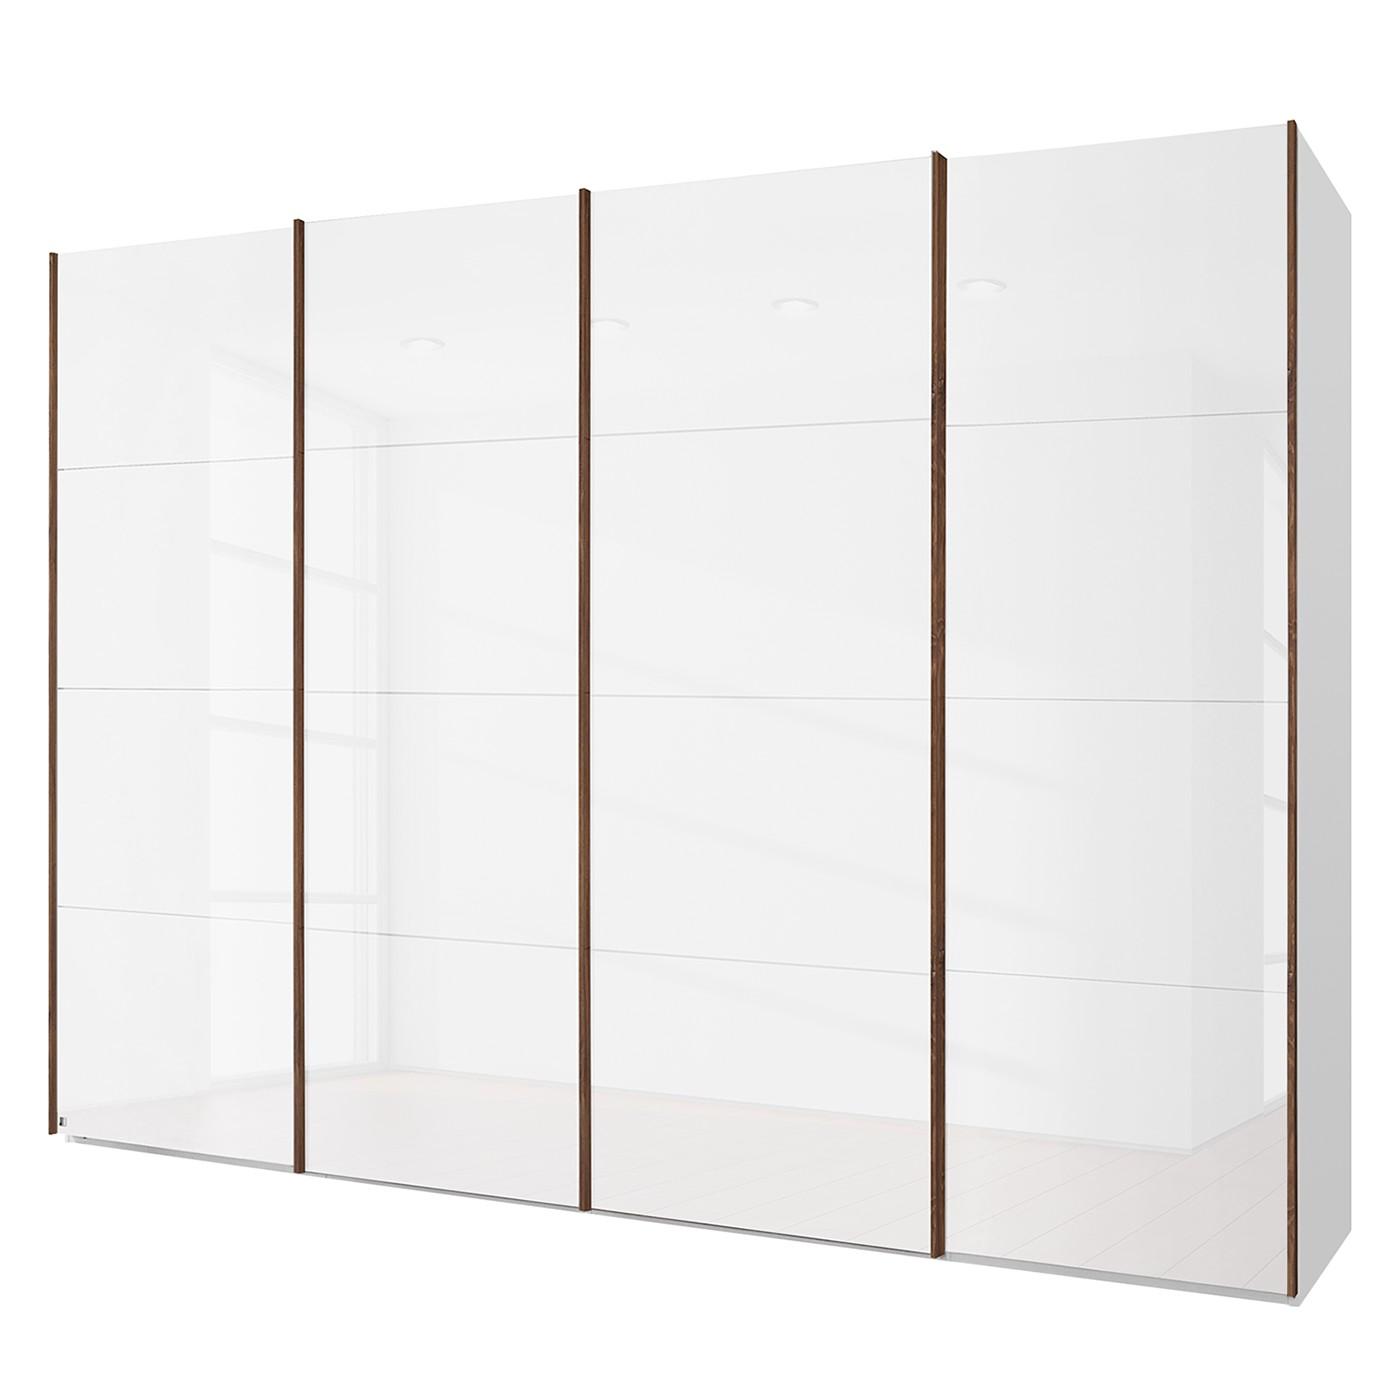 Zweefdeurkast SKØP - 360cm (4-deurs) - 236cm - Basic, SKØP